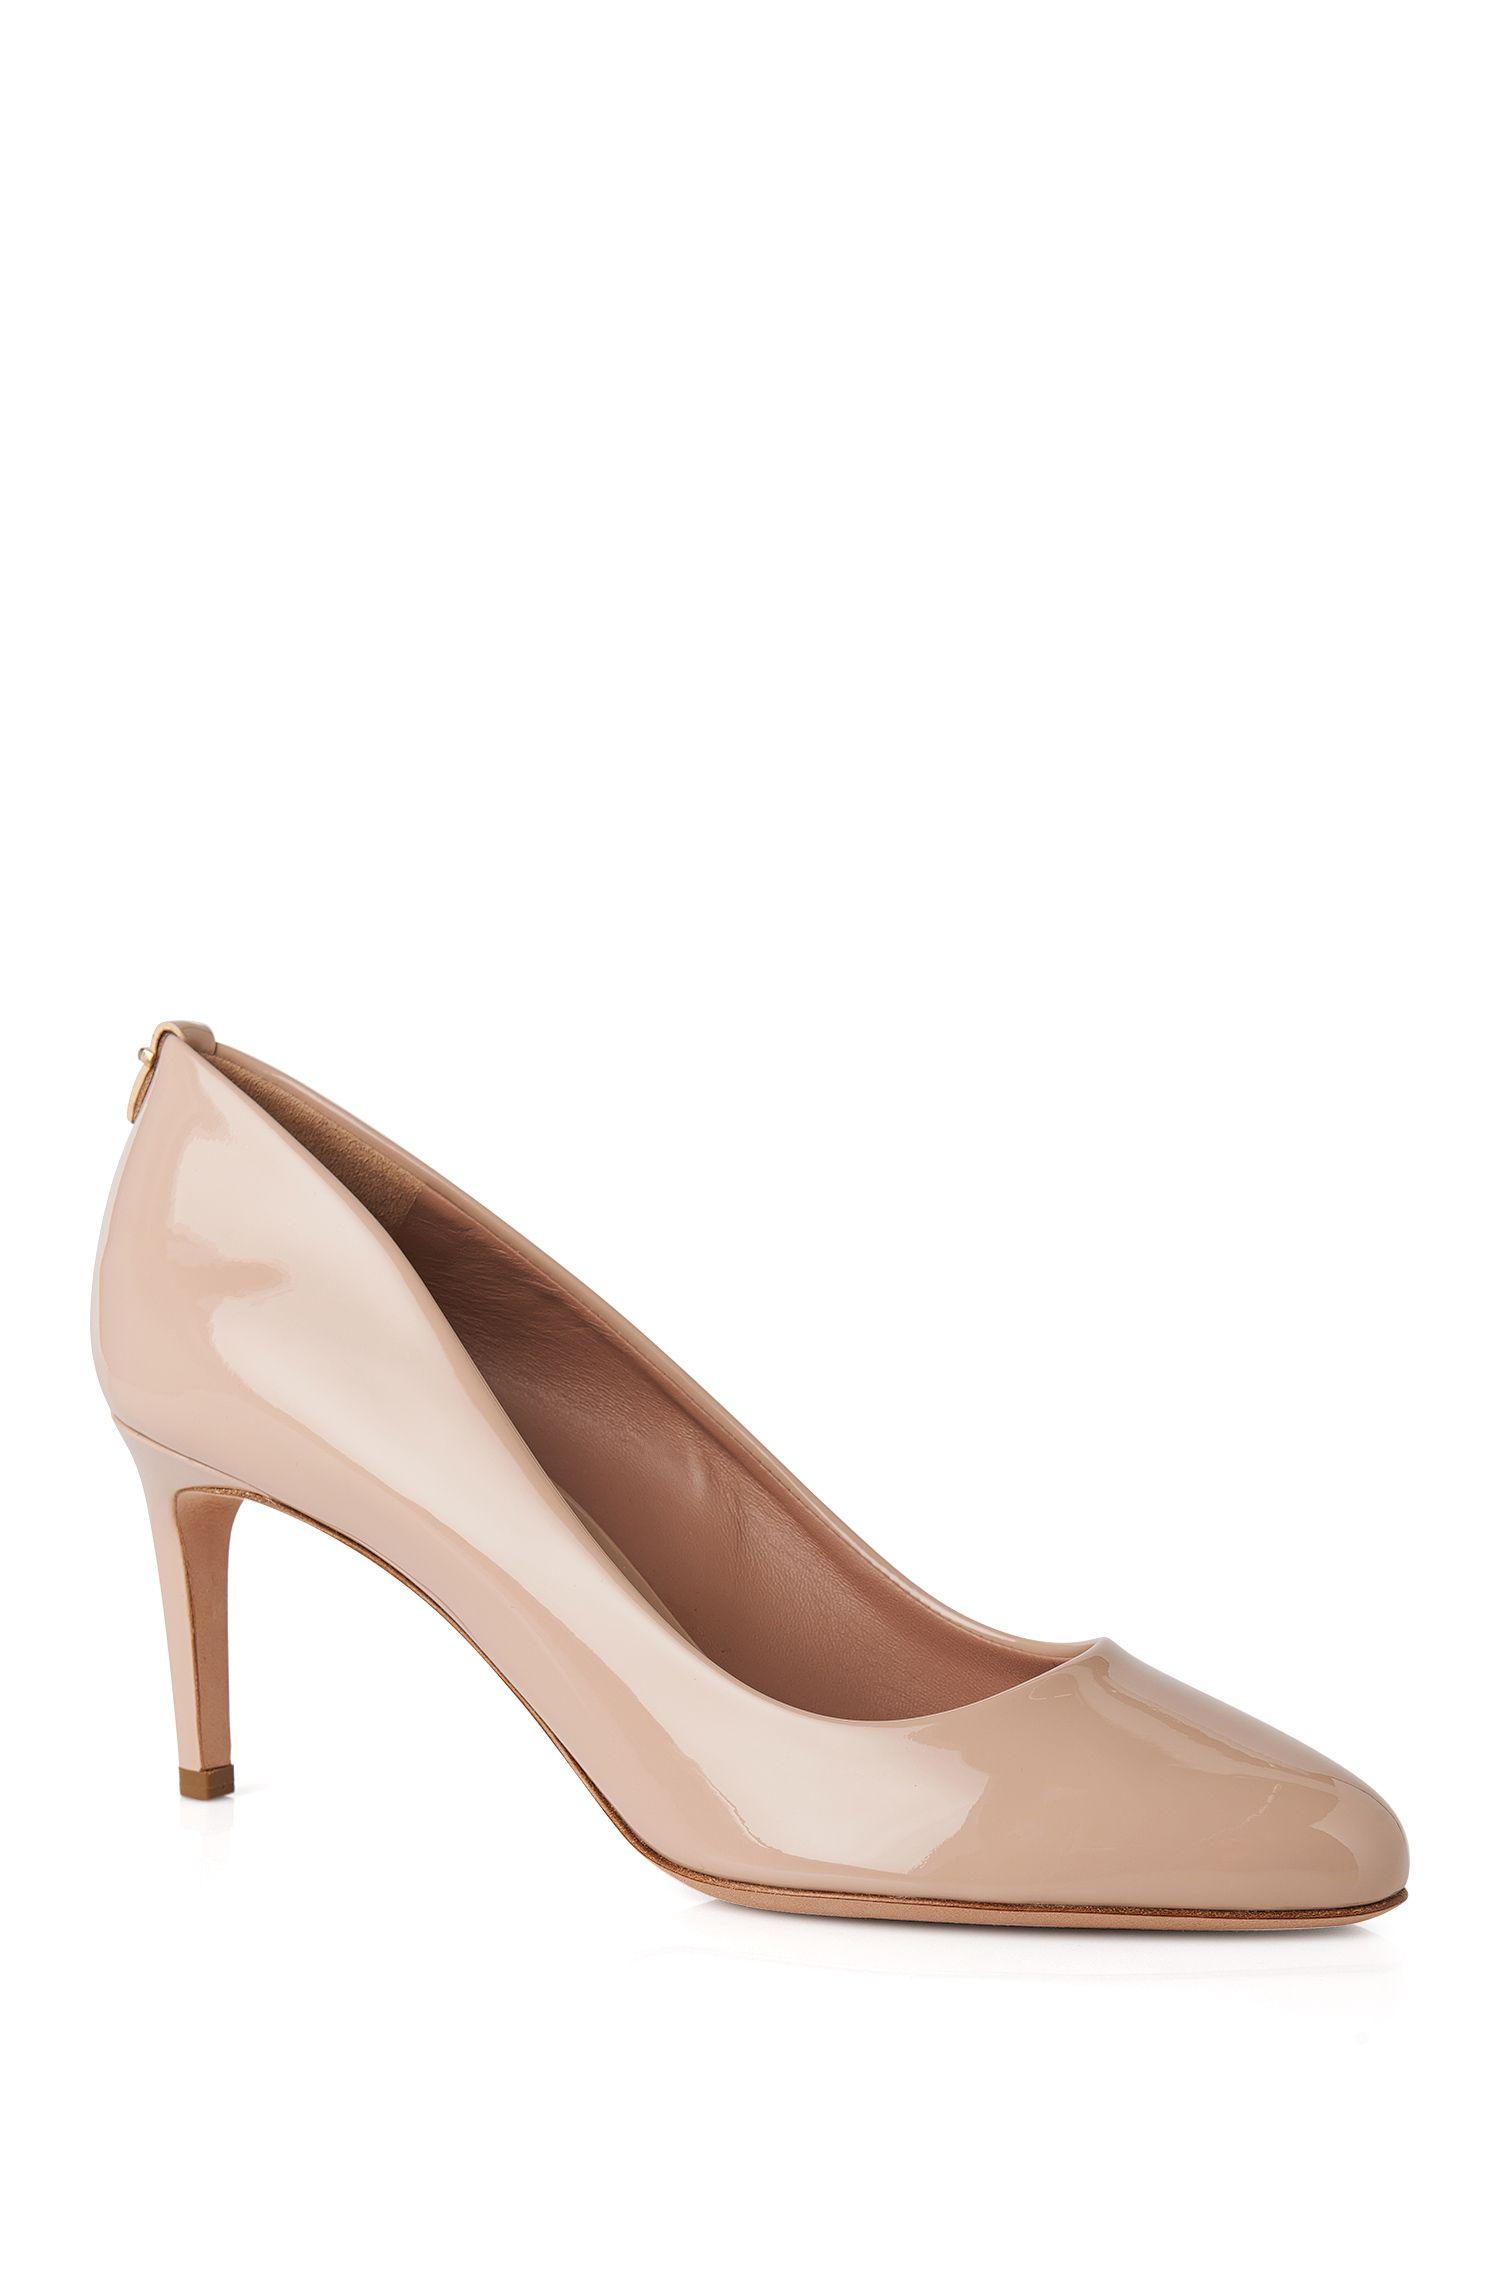 Zapatos de salón de BOSS Luxury Staple en charol italiano